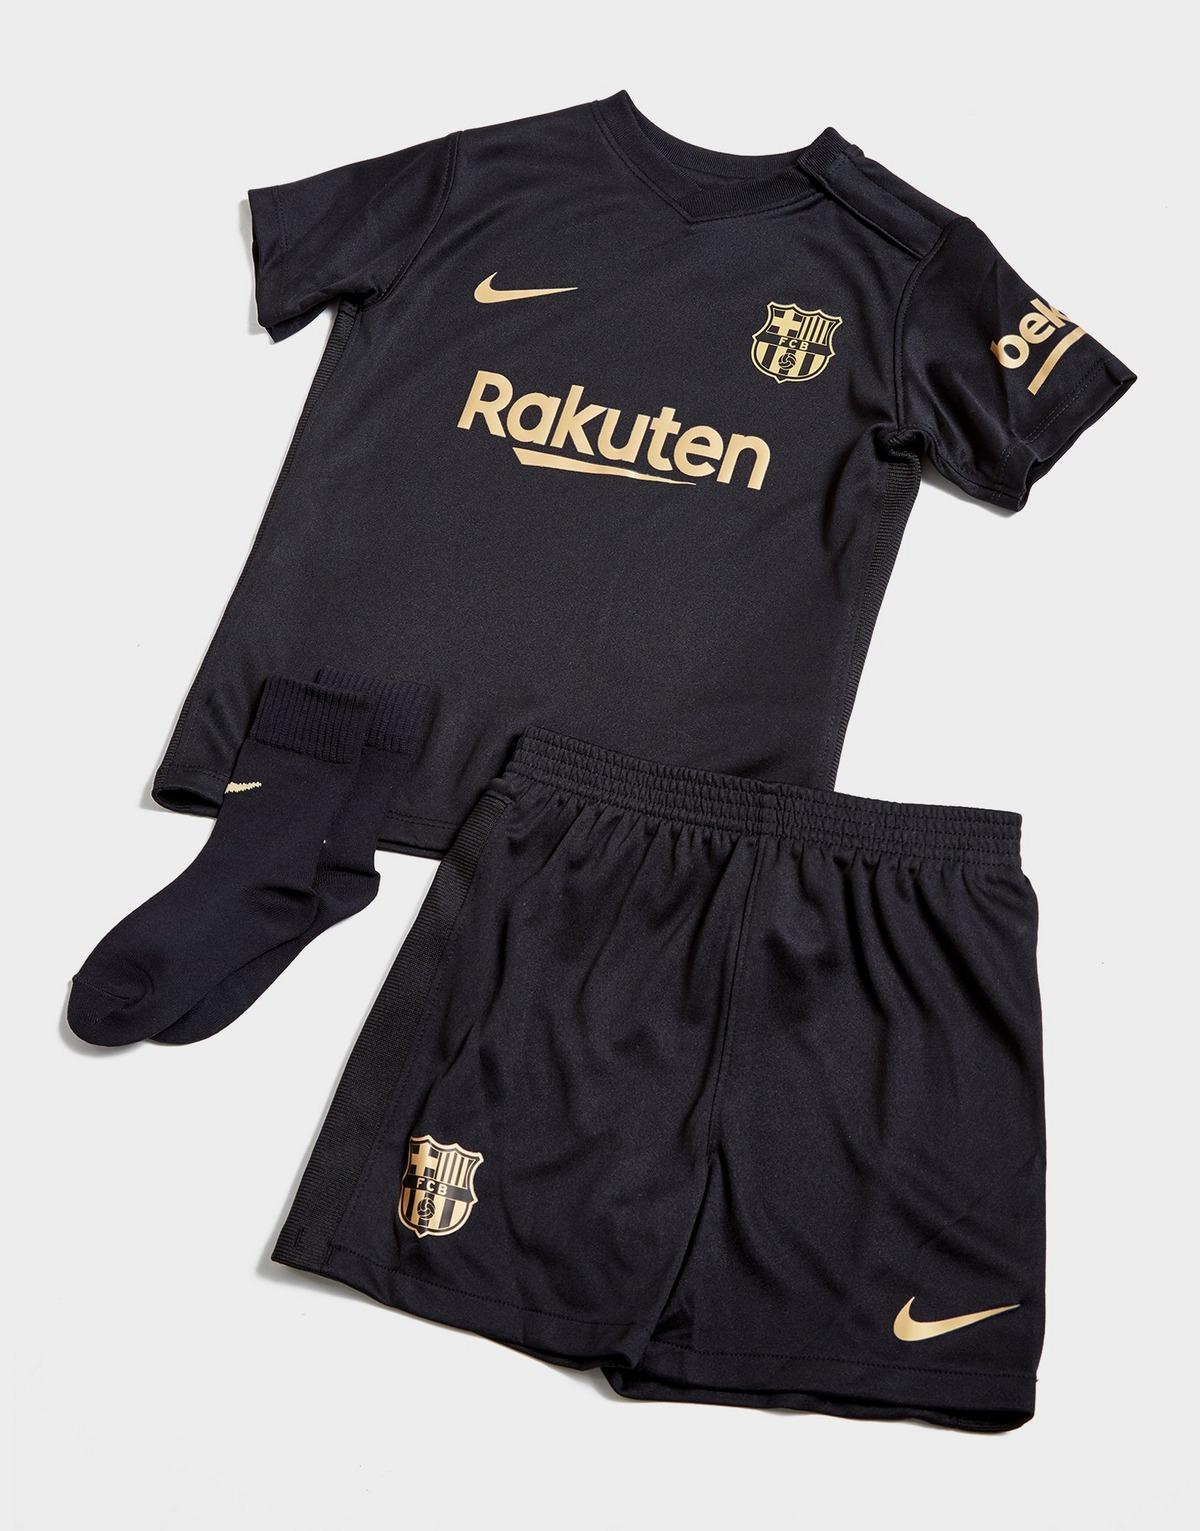 Ensemble bébé Nike FC Barcelone - Tailles 3 à 24 mois